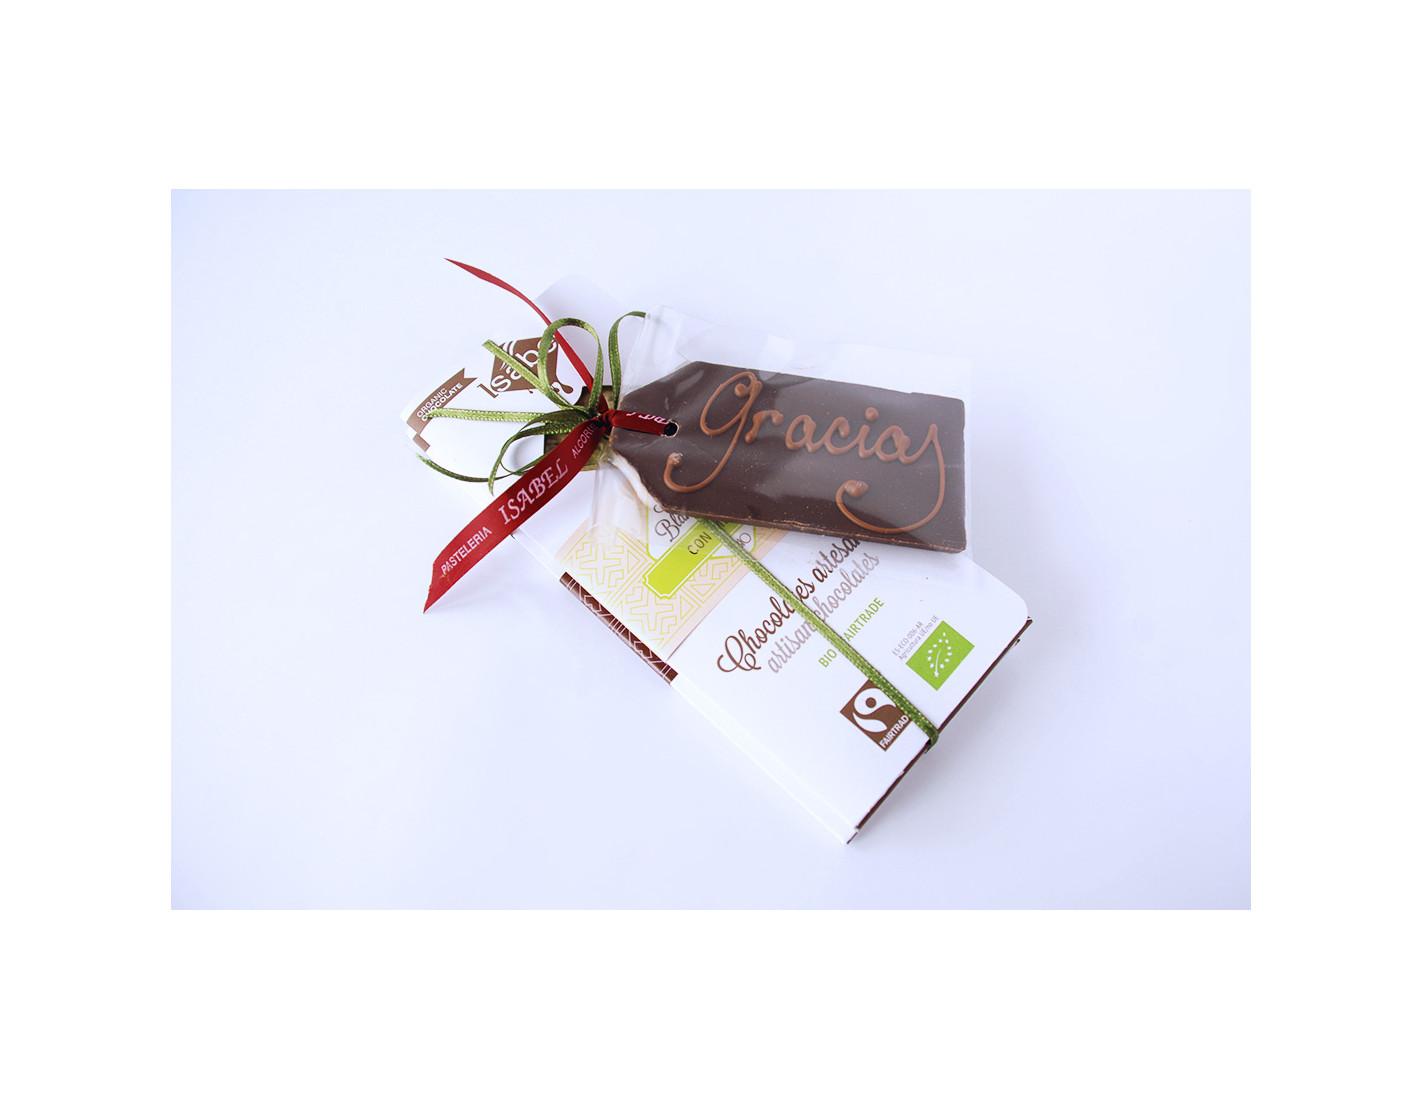 Lote nº 1 - Tabletas variadas chocolate BIO (2) + Tarjeta Chocolate BIO